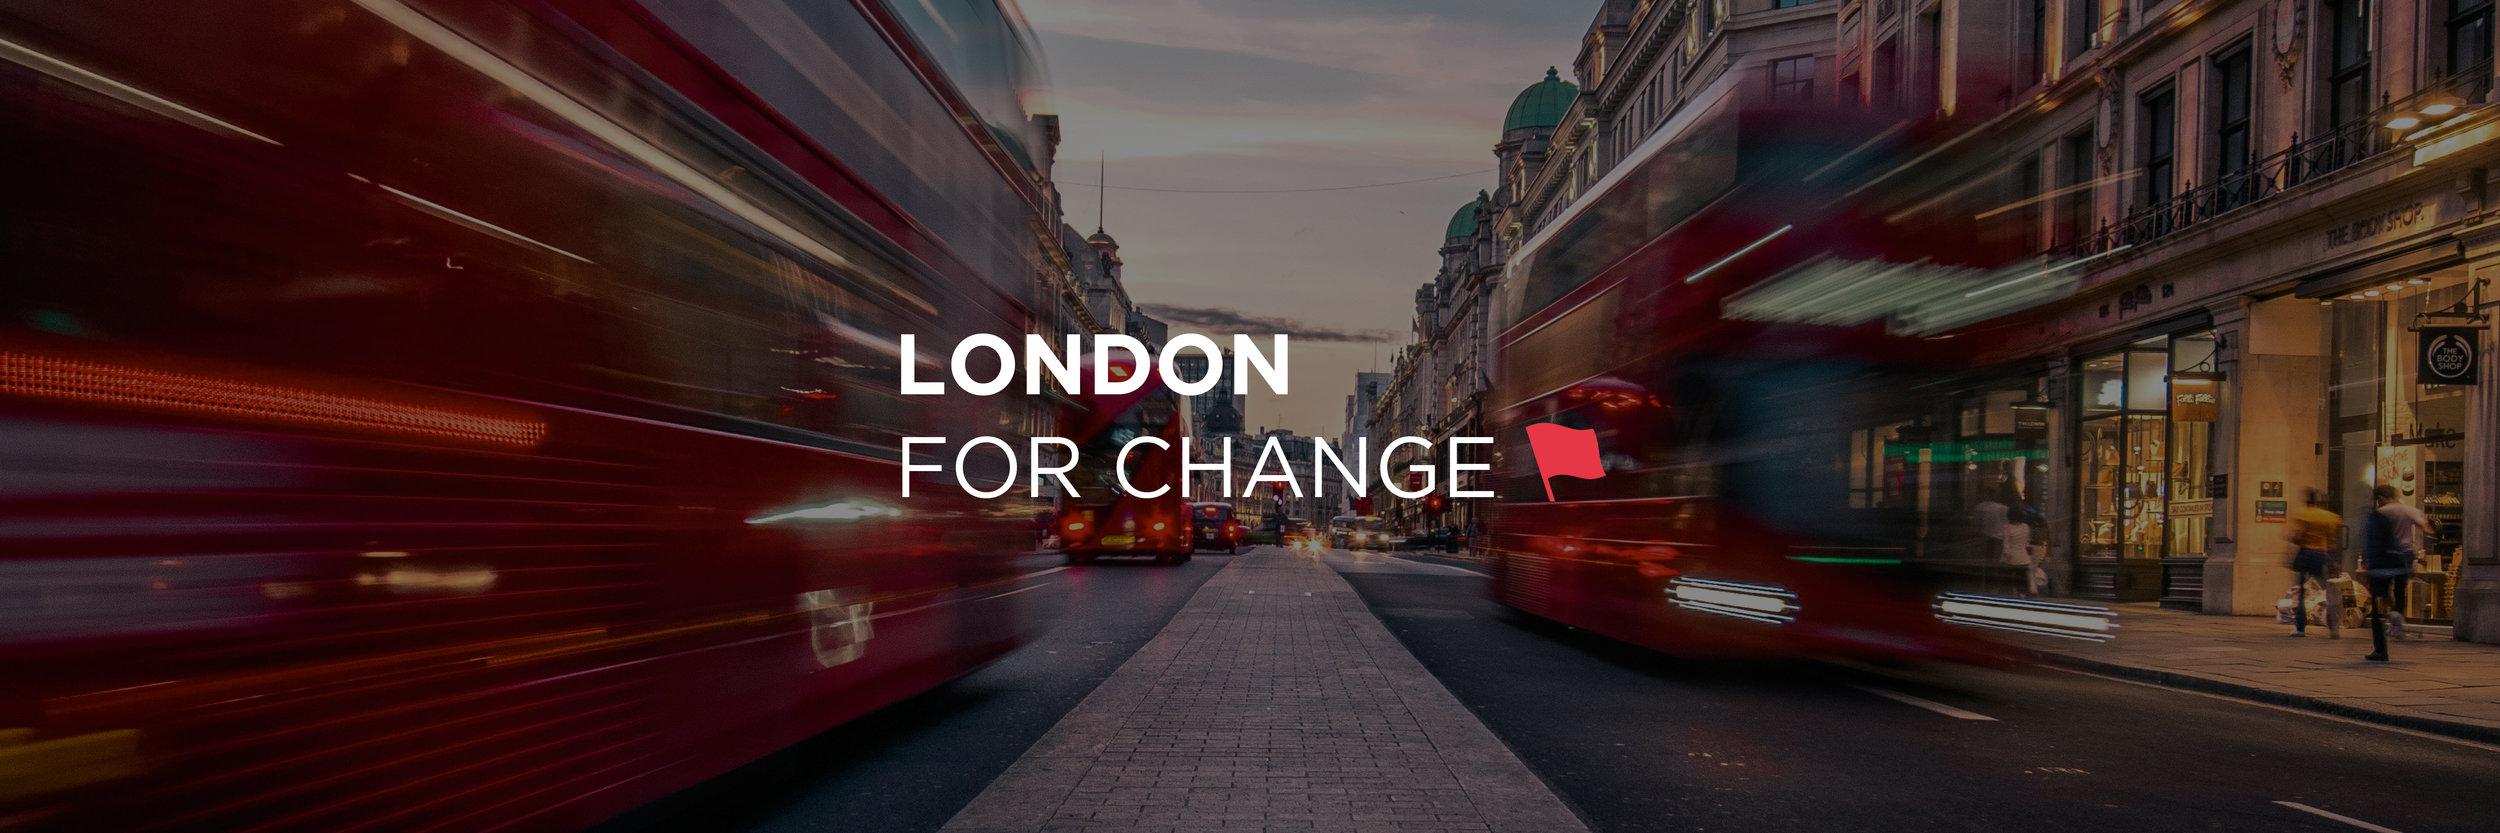 London For Change.jpg